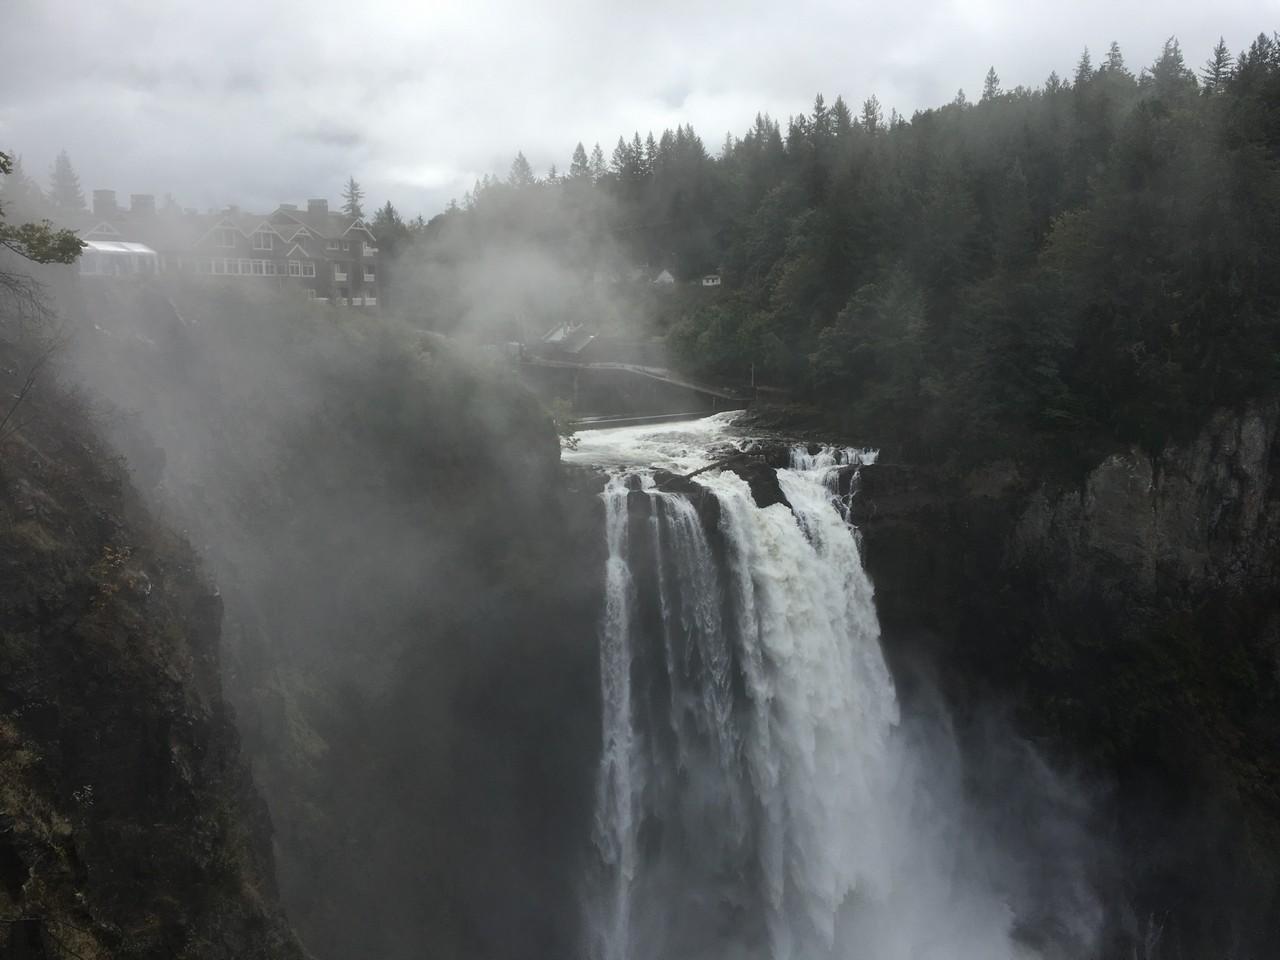 温帯雨林を見に行こう(米ワシントン国立公園)その3 番外編、Twin Peaks聖地巡礼